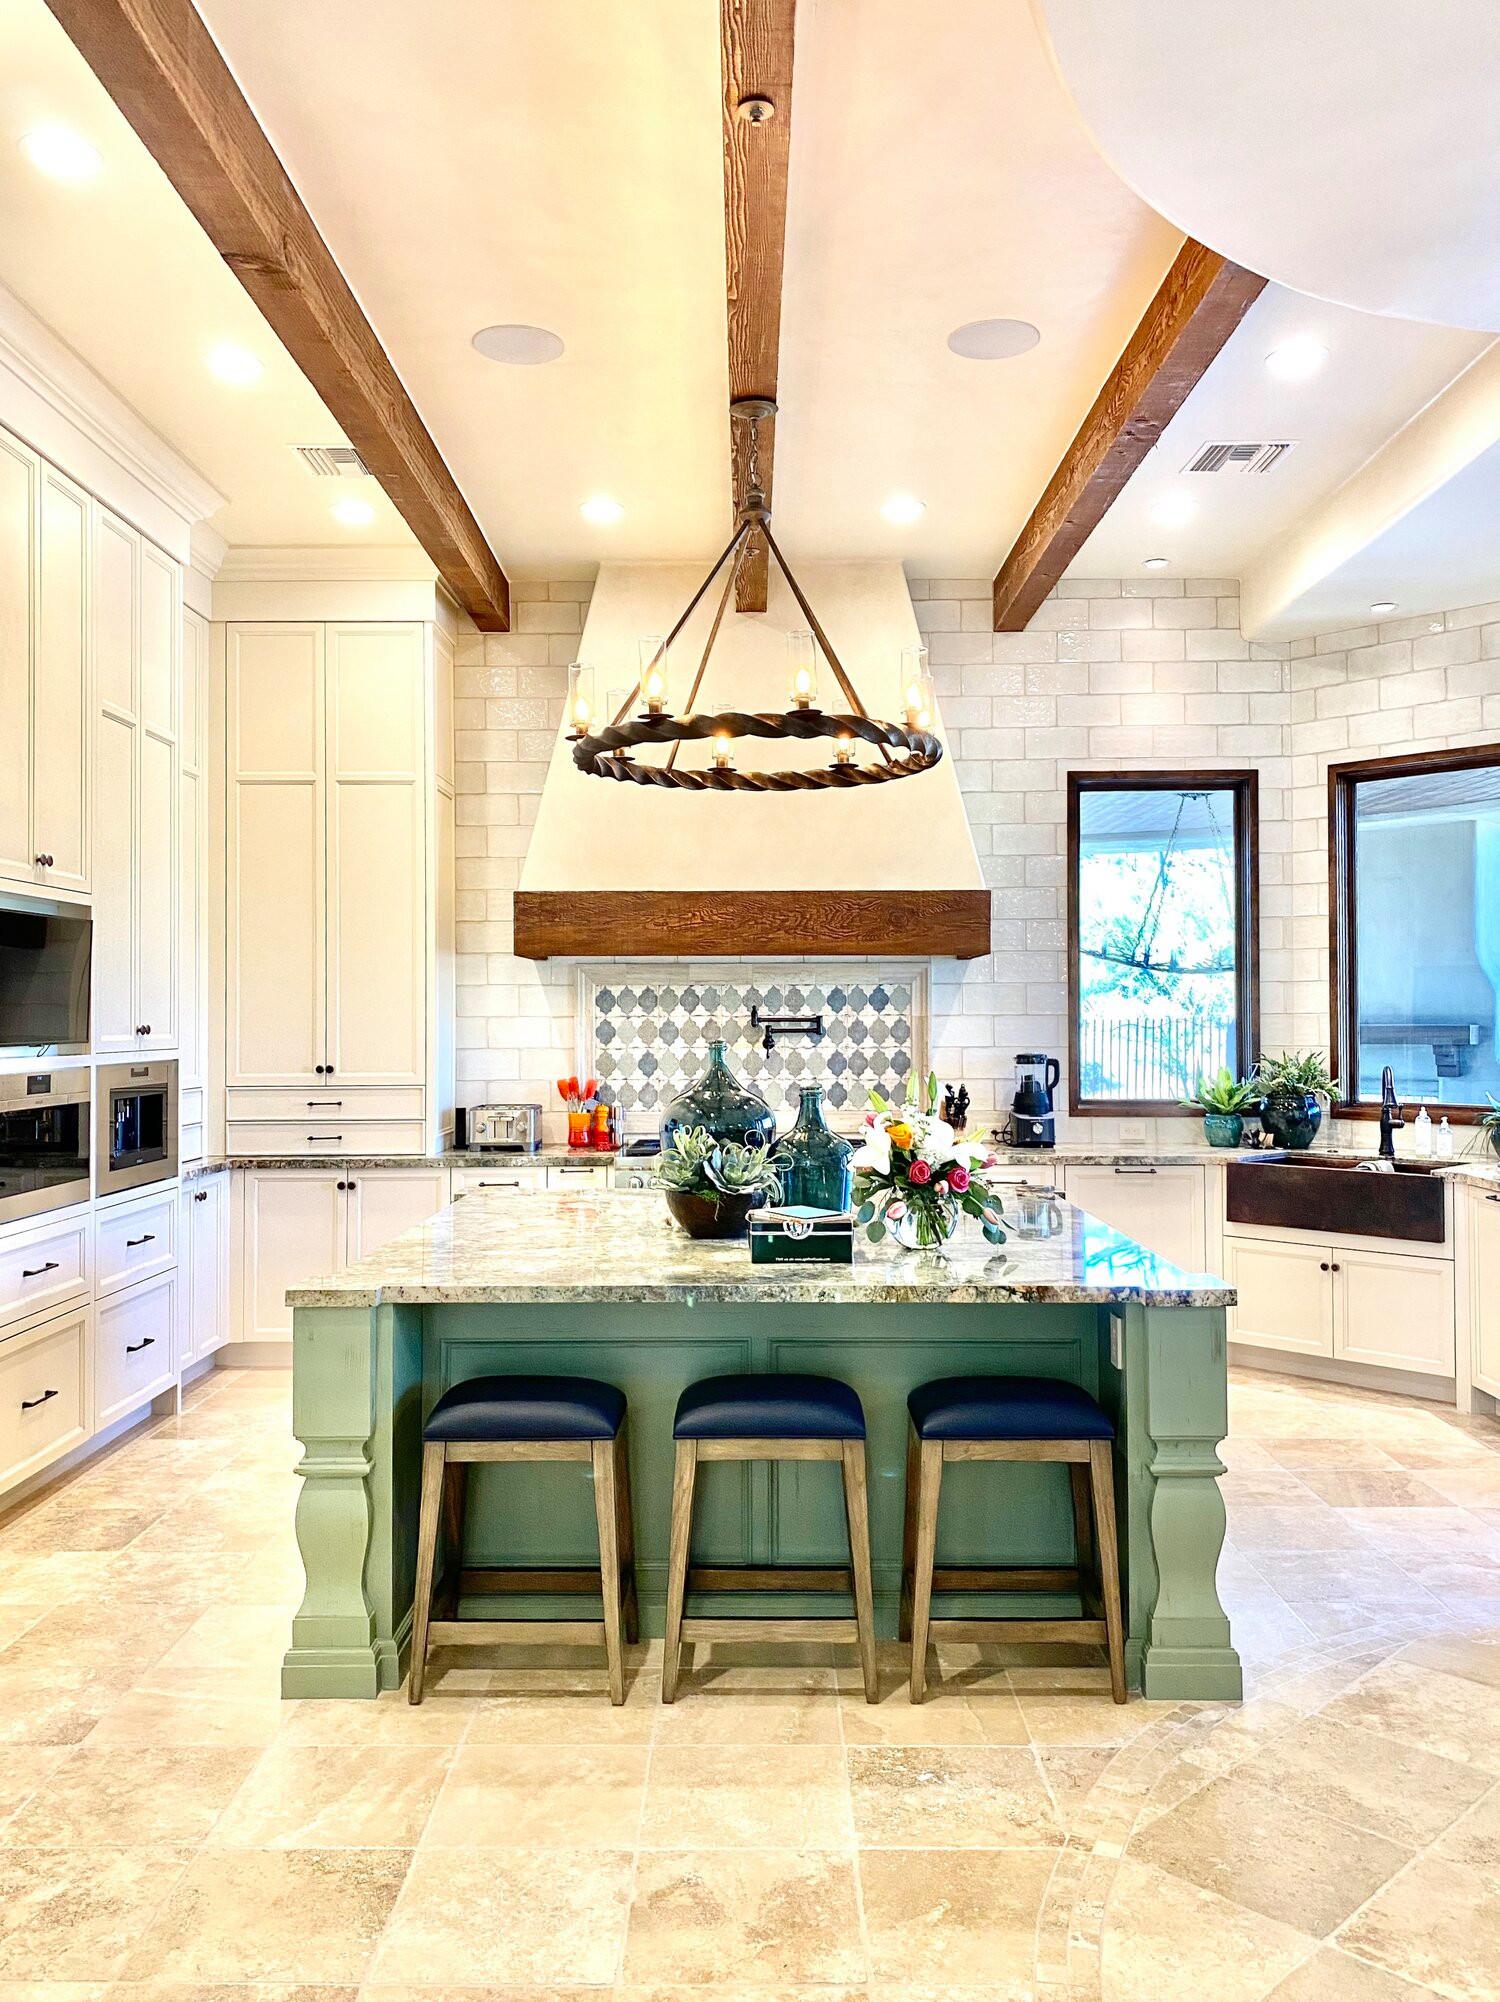 Kitchen - transitional kitchen idea in Phoenix